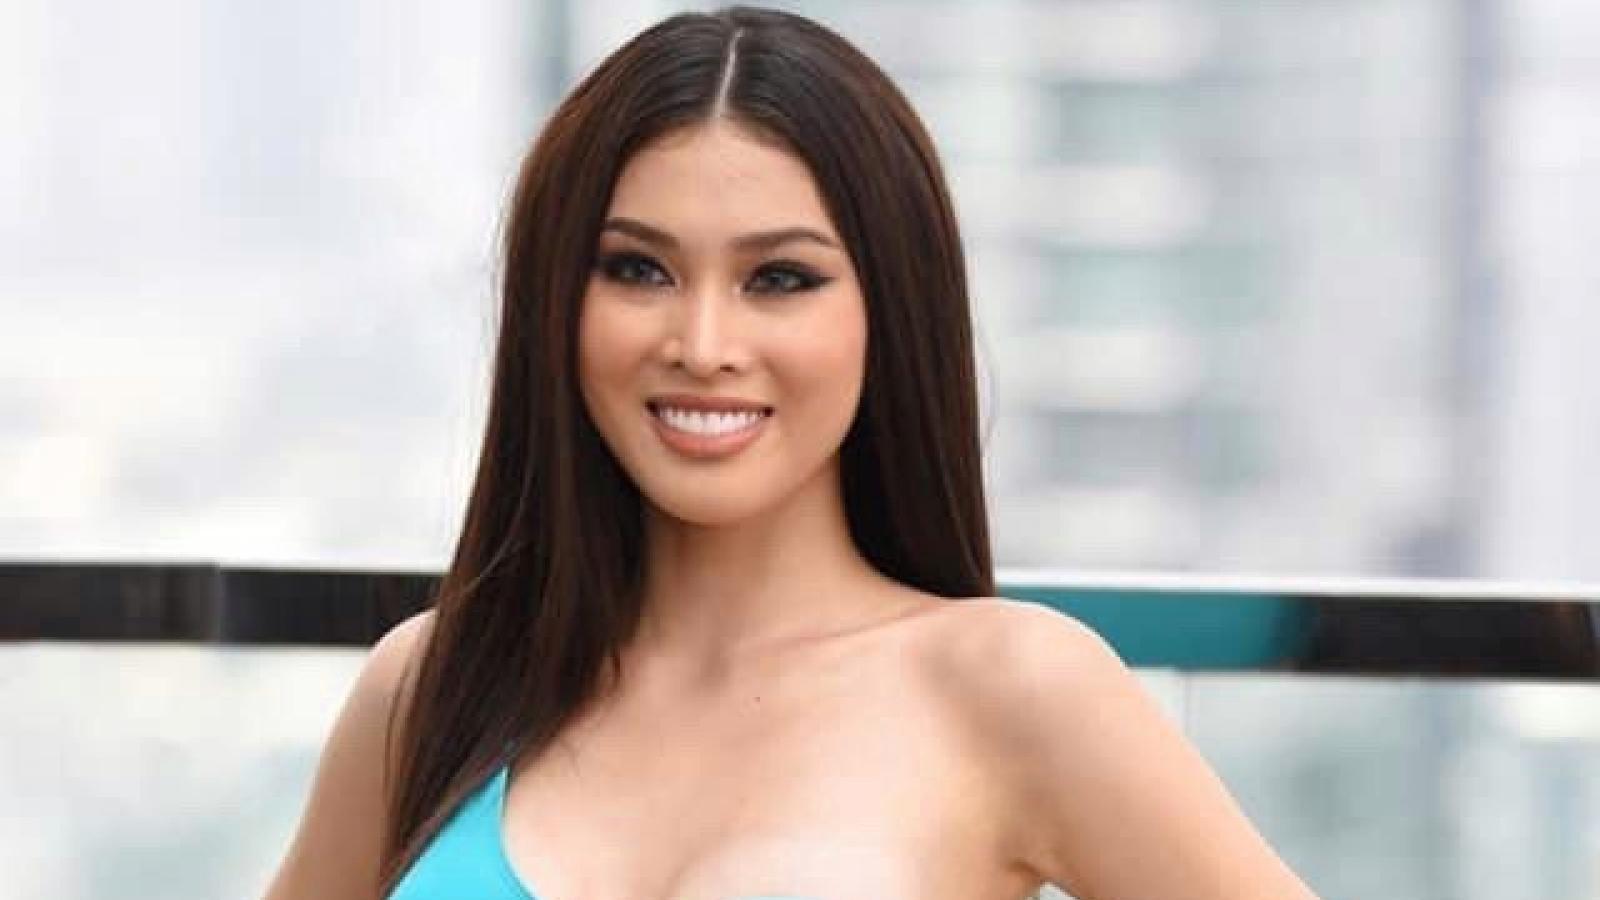 Á hậu Ngọc Thảo trình diễn bikini đầy nóng bỏng tại Miss Grand International 2020